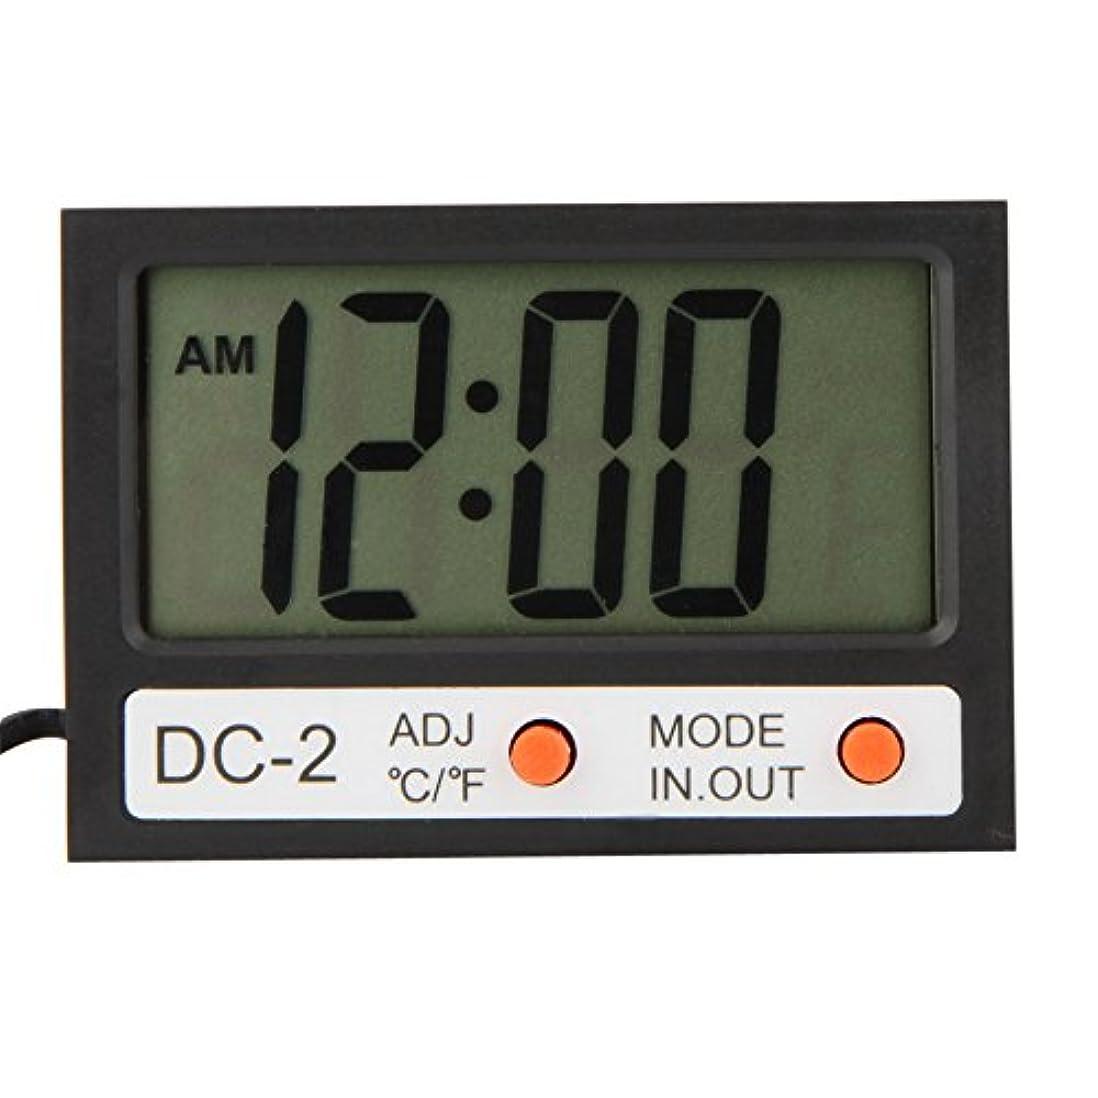 日文芸アスペクトWunes - ミニLCDデジタル温度計多機能温度計タイムクロック屋内屋外の天気駅テスター診断ツール